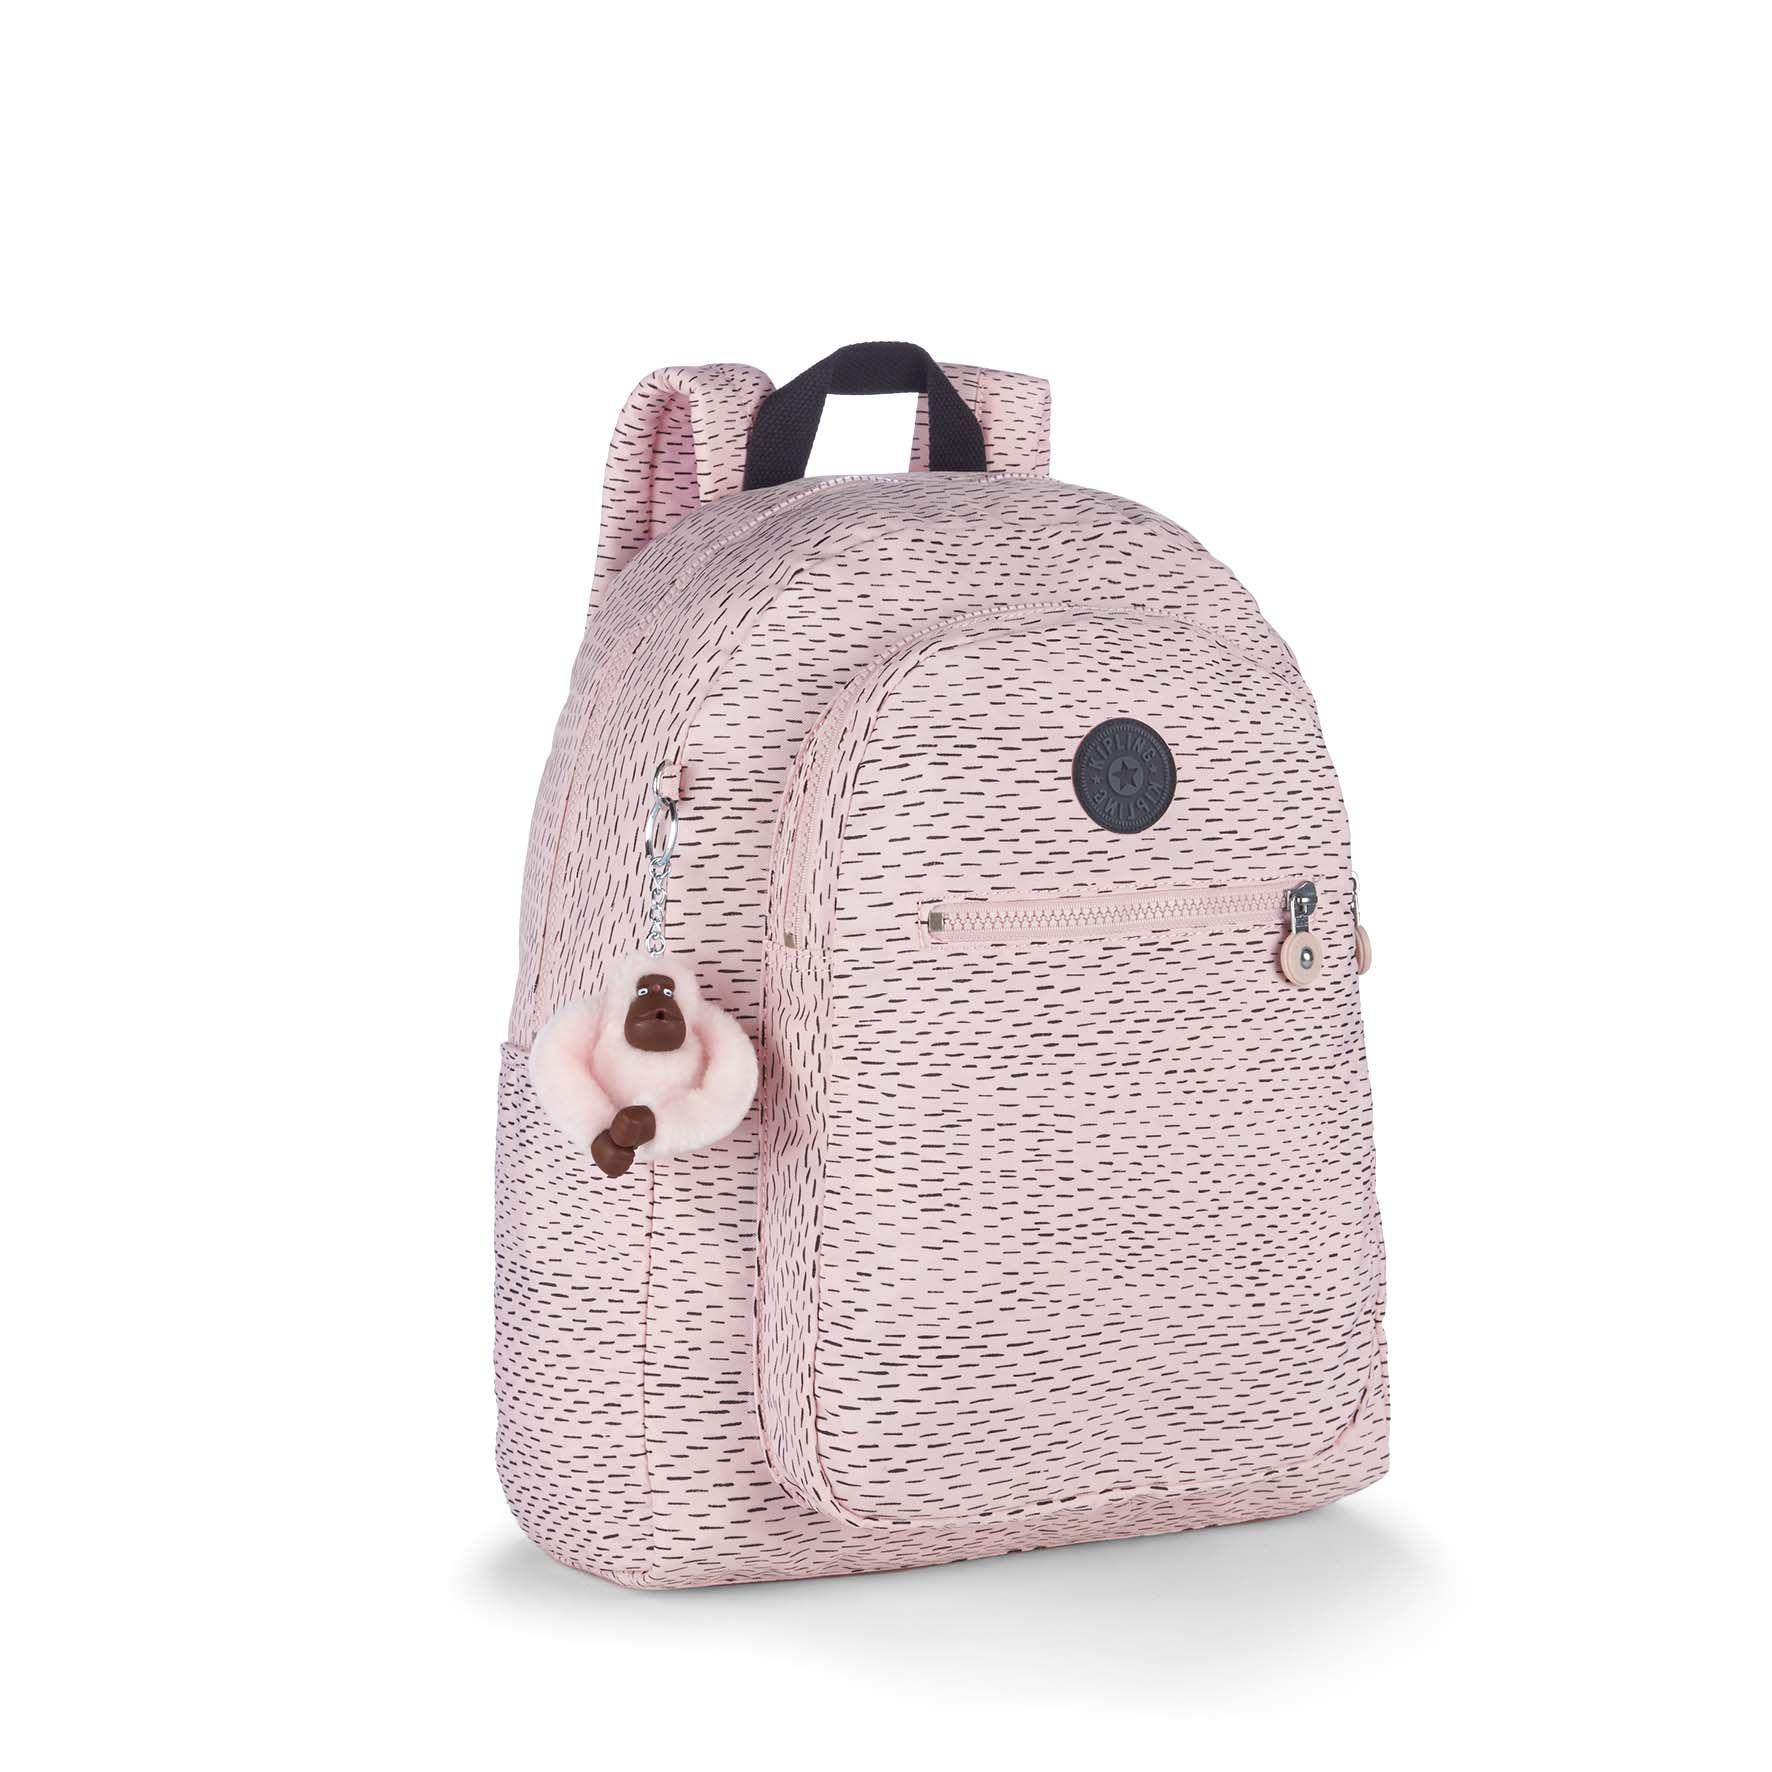 תיק גב החתלה Bizzy Boo - Soft Pink Strורוד בייבי מקווקו